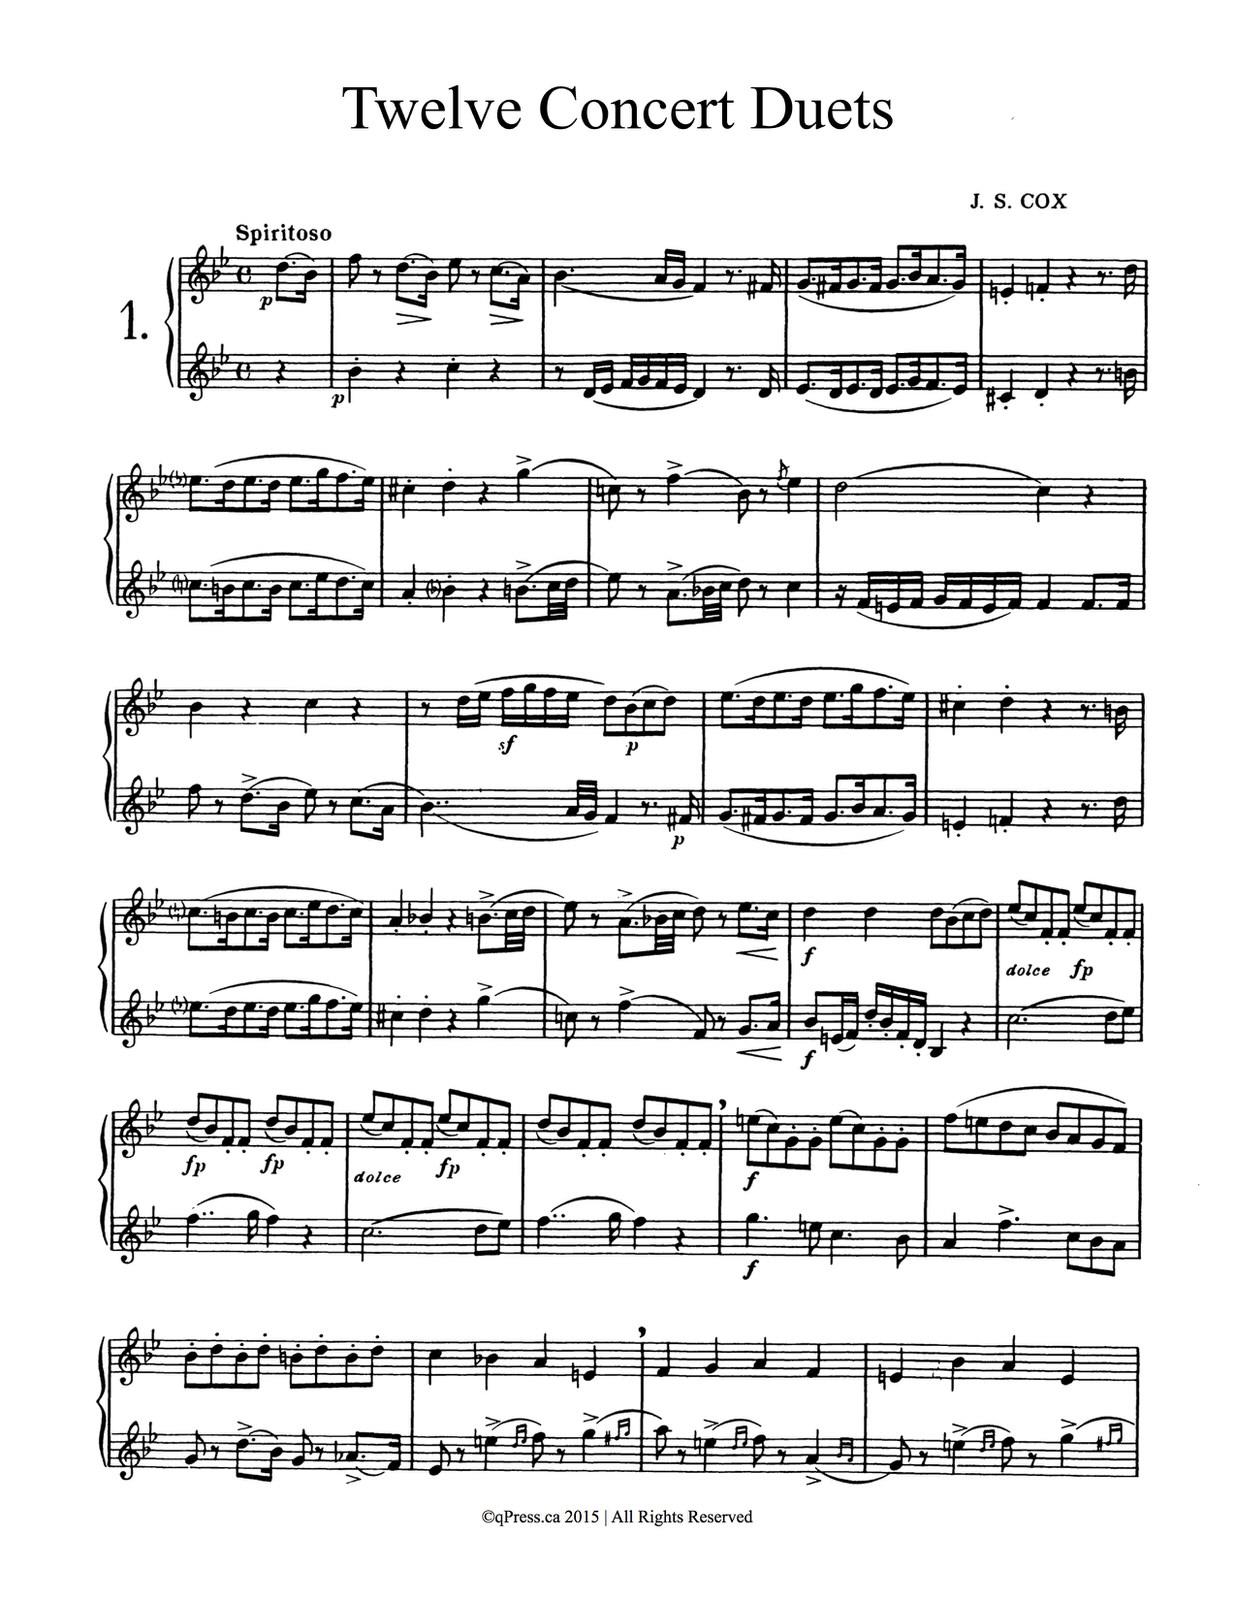 Cox, JS Twelve Concert Duets 3